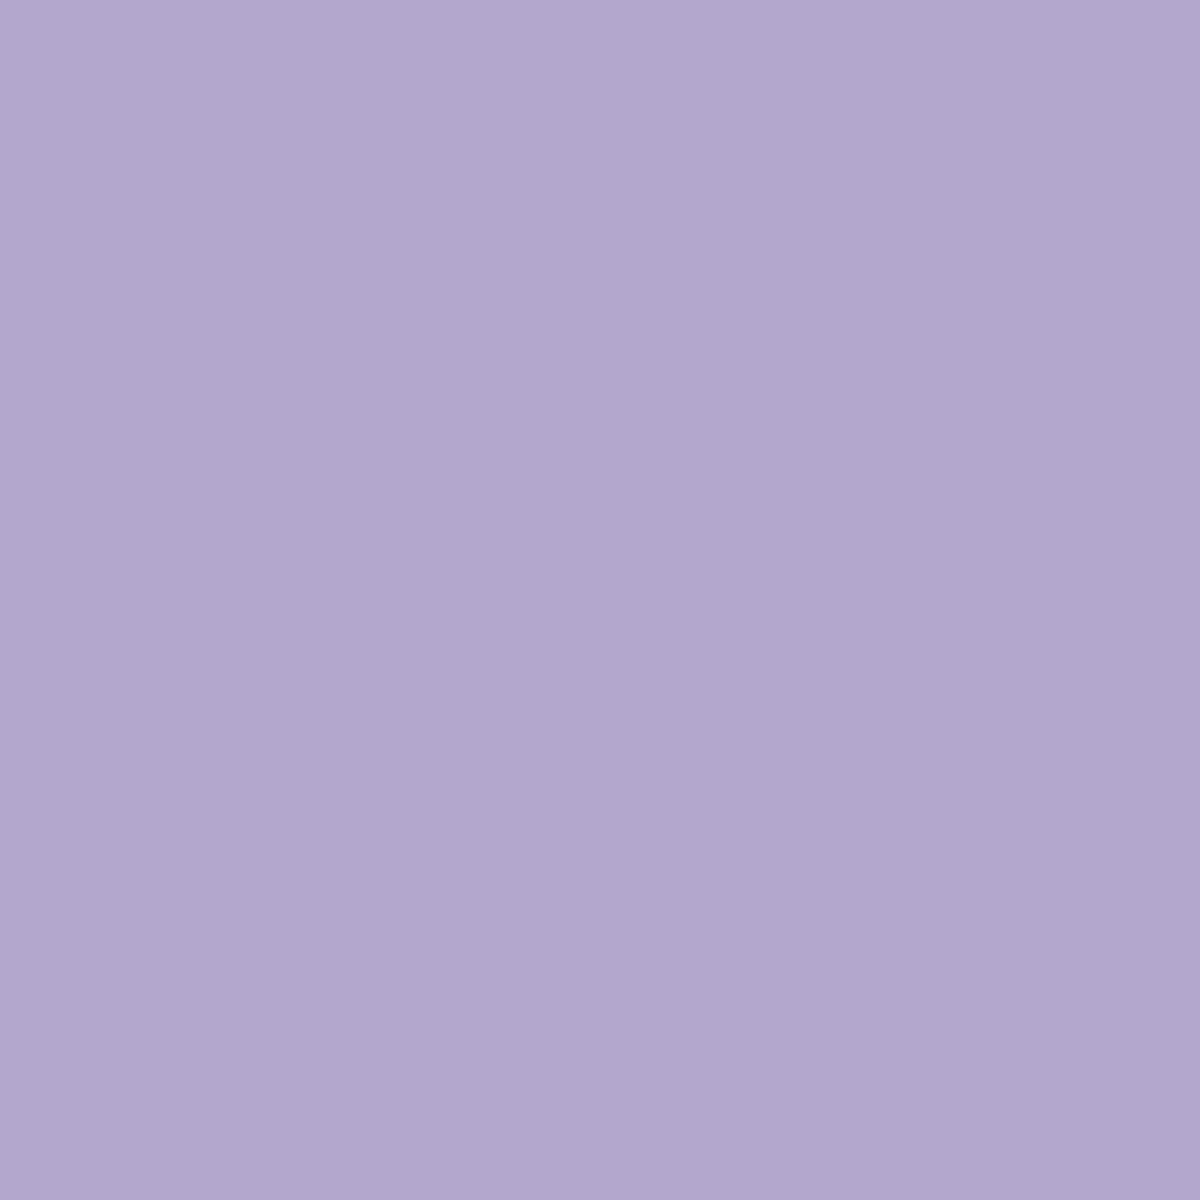 Riley Blake, Confetti Solid Lilac